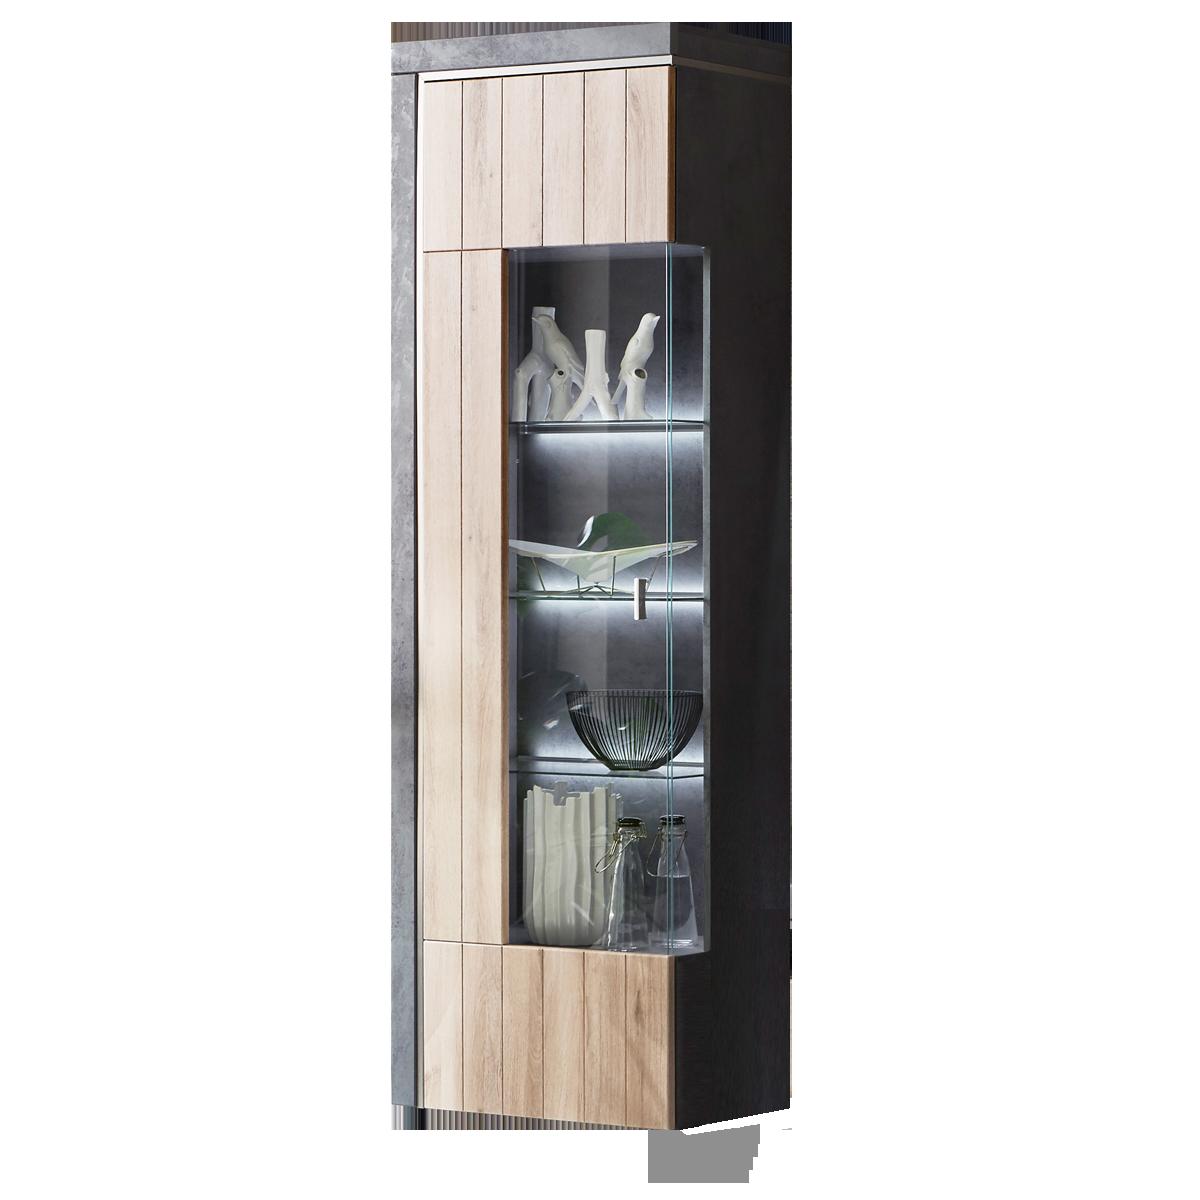 Ideal Möbel Ribeira Vitrine Type 01 Mit Einer Glastür Für Ihr Wohnzimmer  Oder Esszimmer Moderne